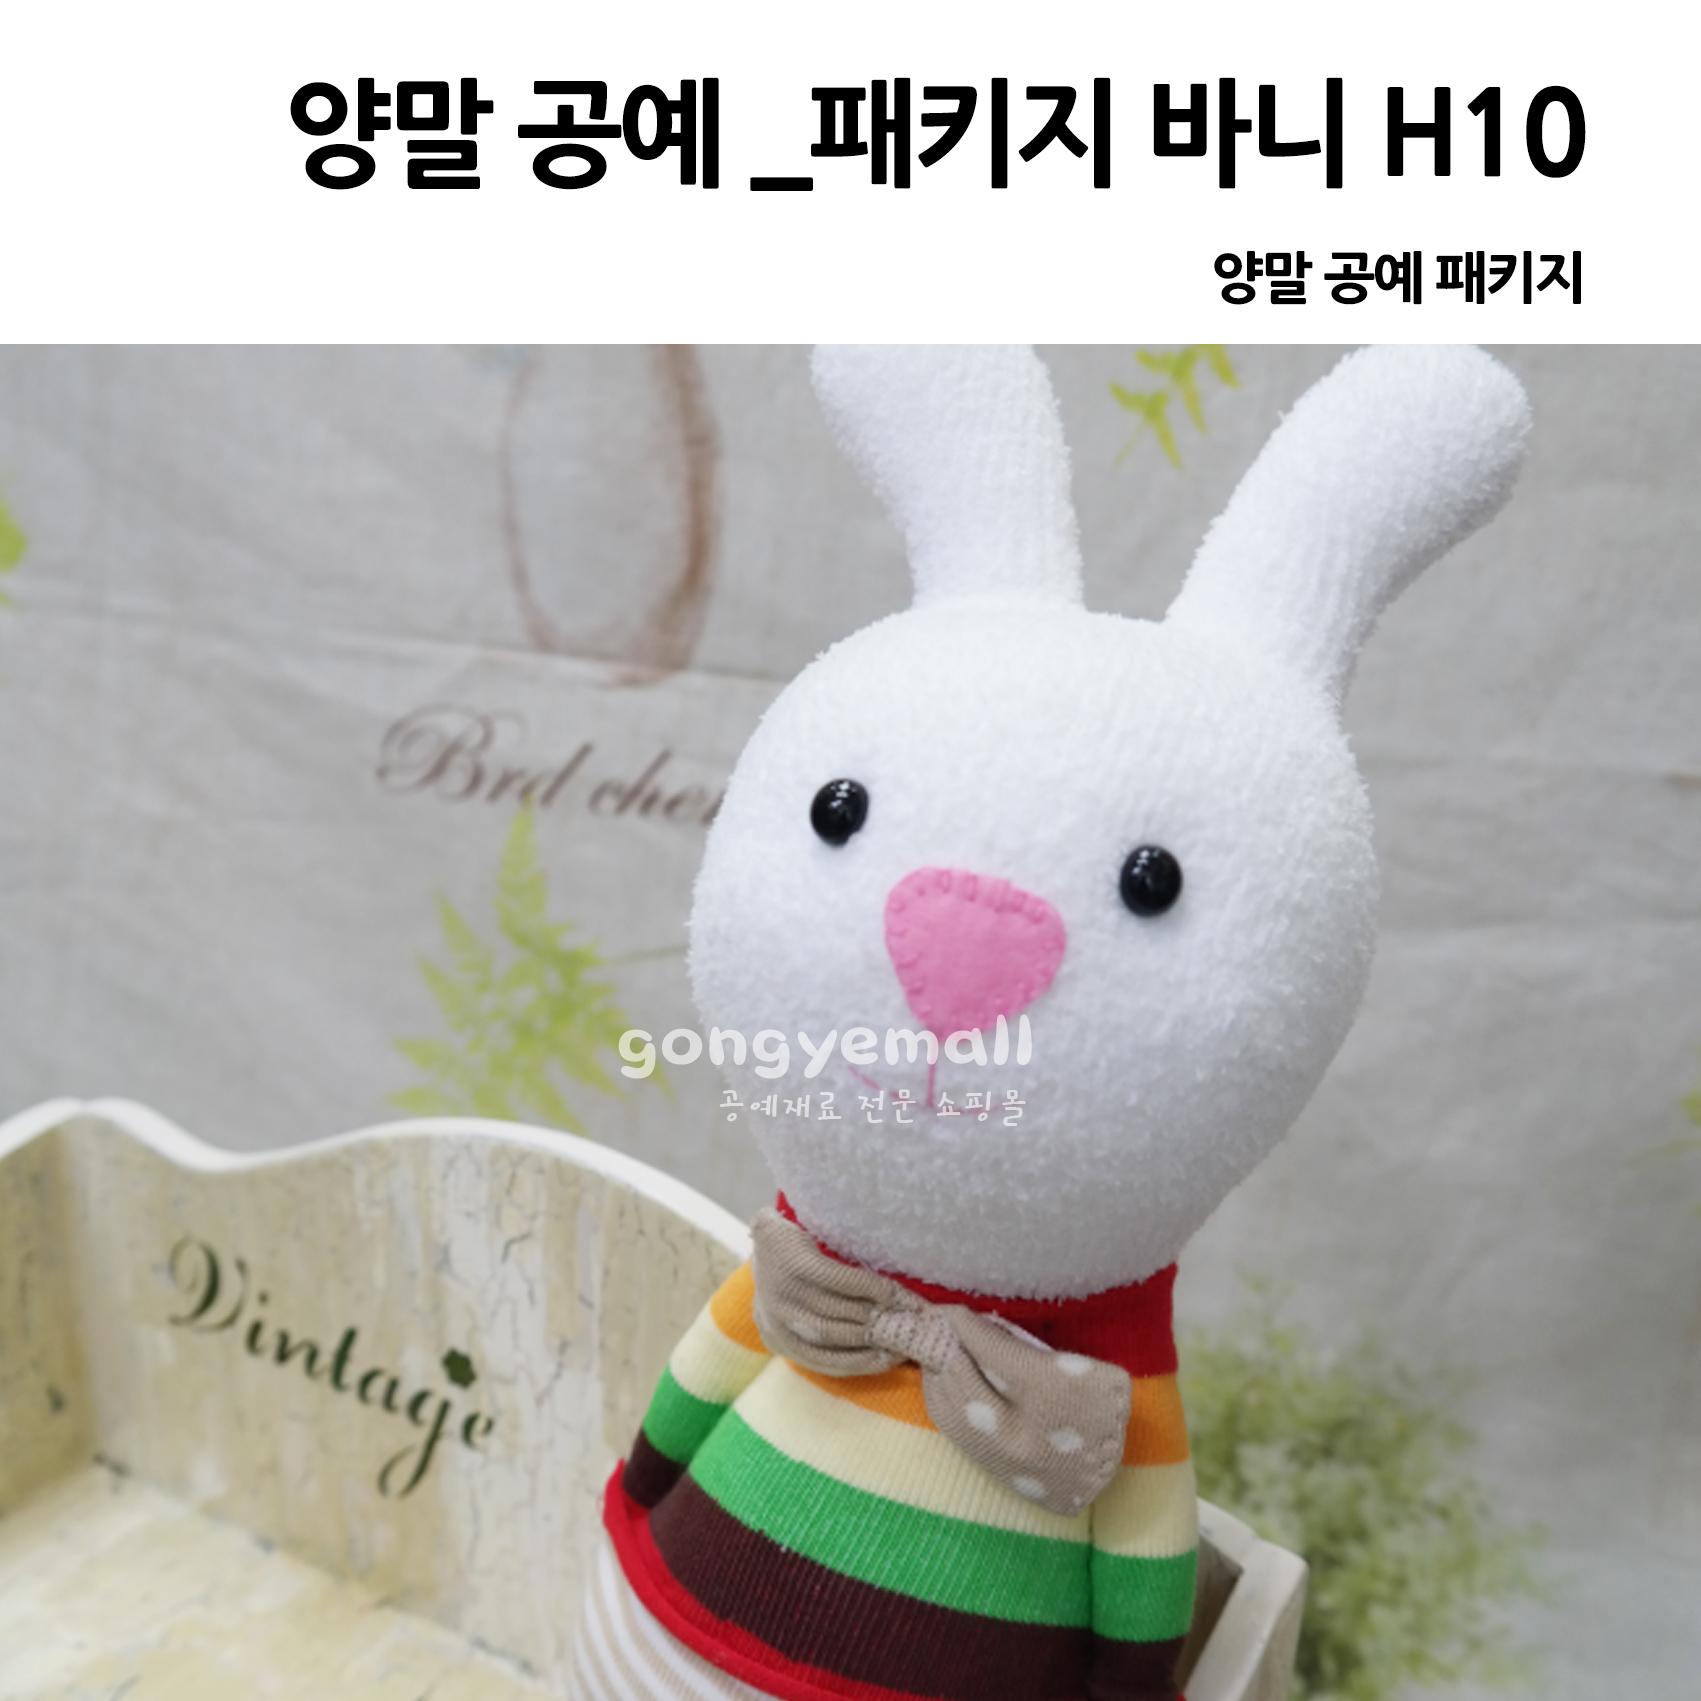 [양말공예]양말 DIY 패키지 바니 H10